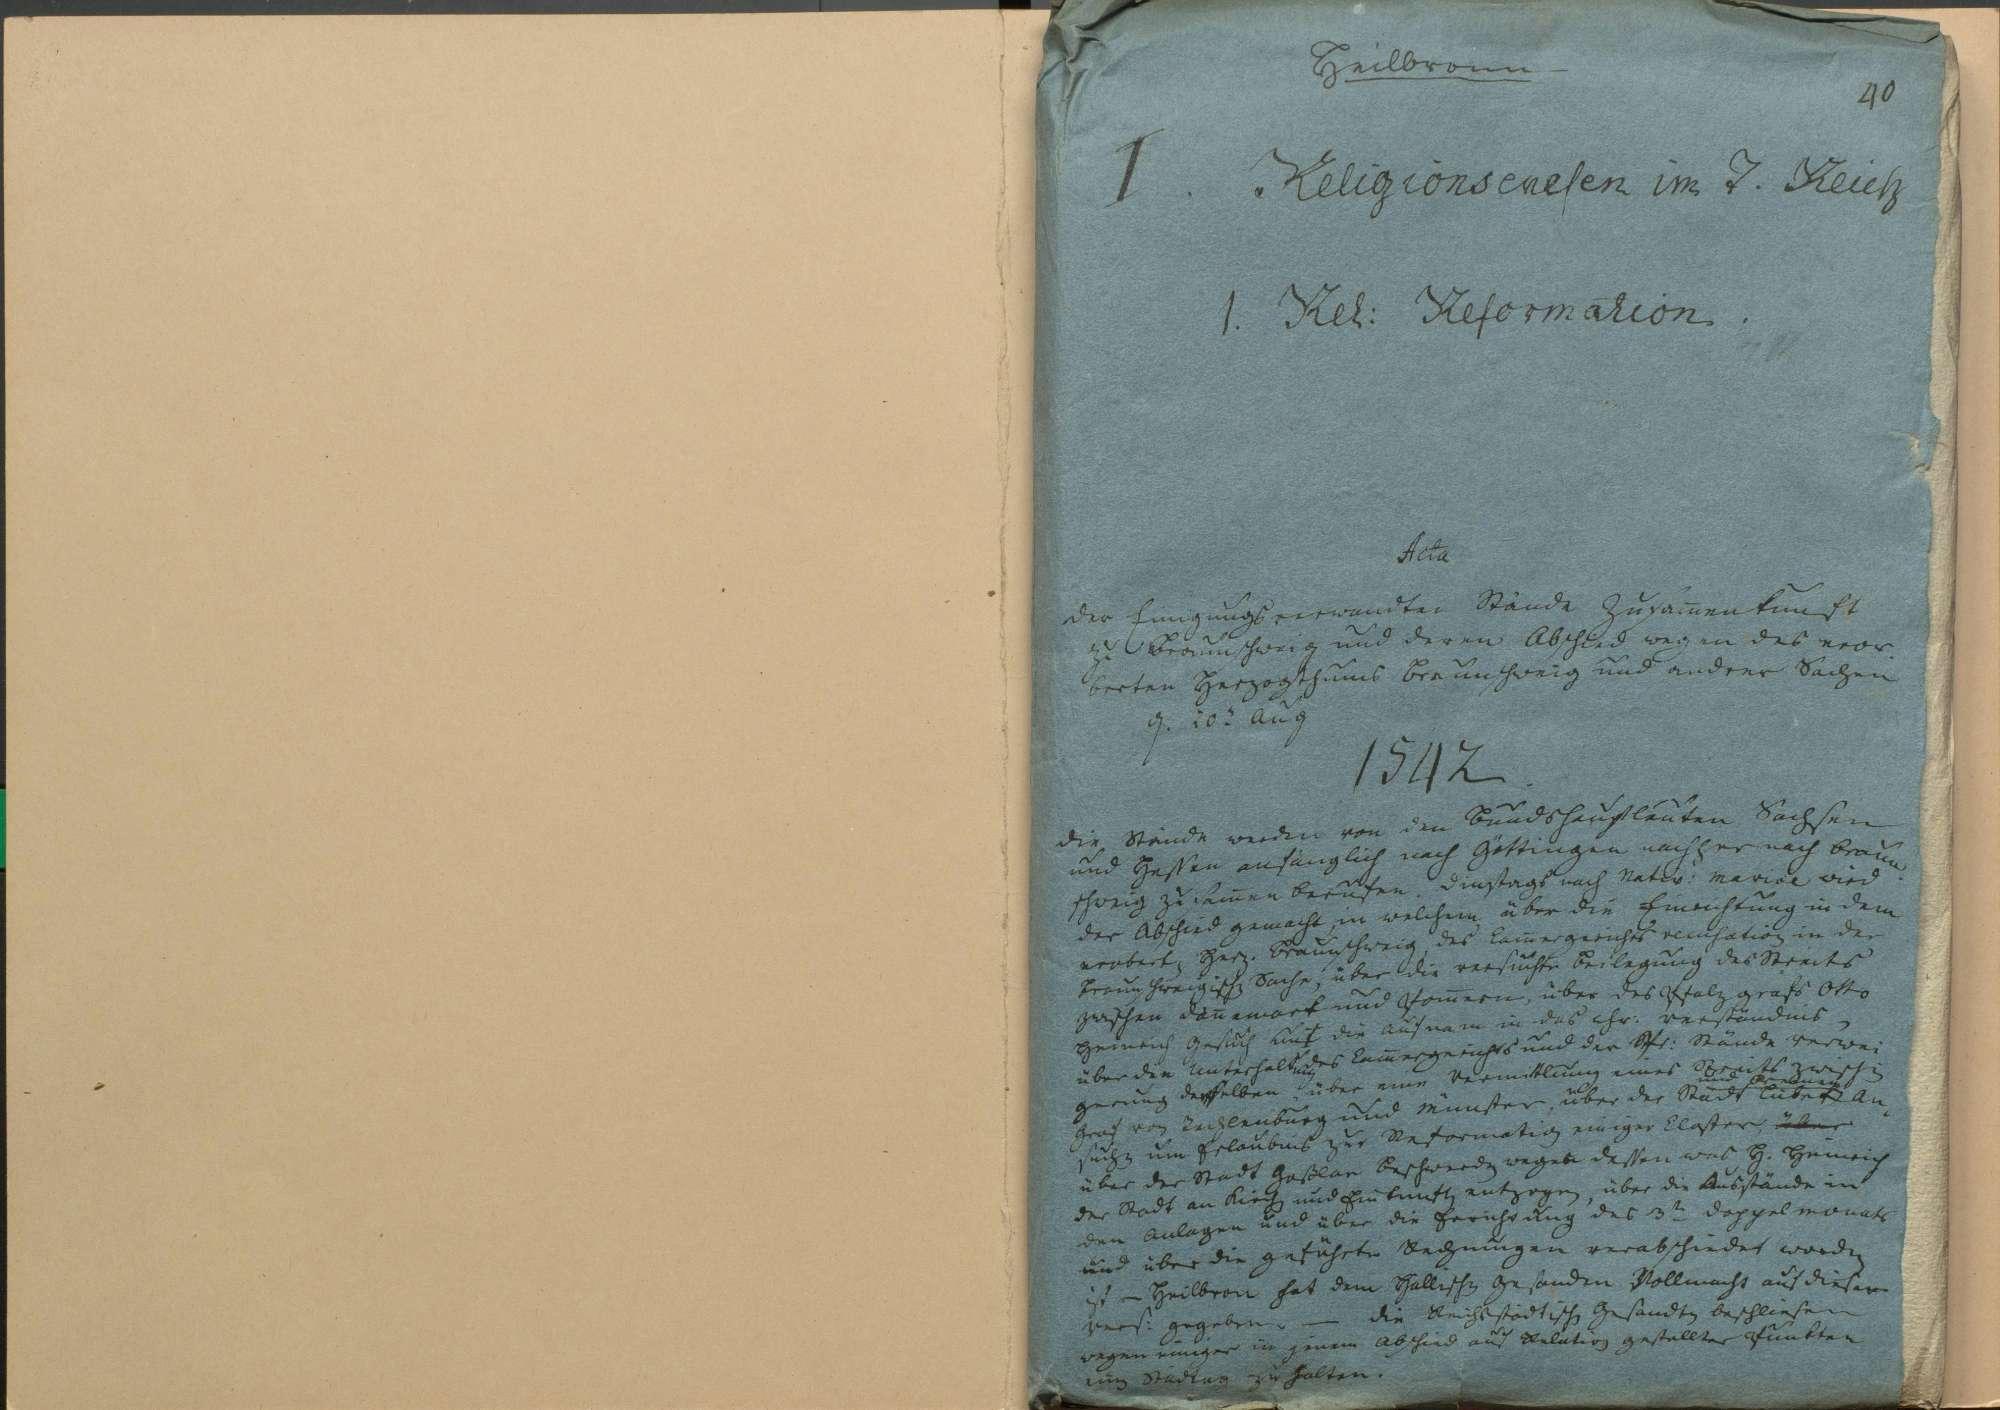 Zusammenkunft der einigungsverwandten Stände zu Braunschweig am 20. August 1542 und deren Abschied wegen des eroberten Herzogtums Braunschweig und anderer Angelegenheiten, Bild 1